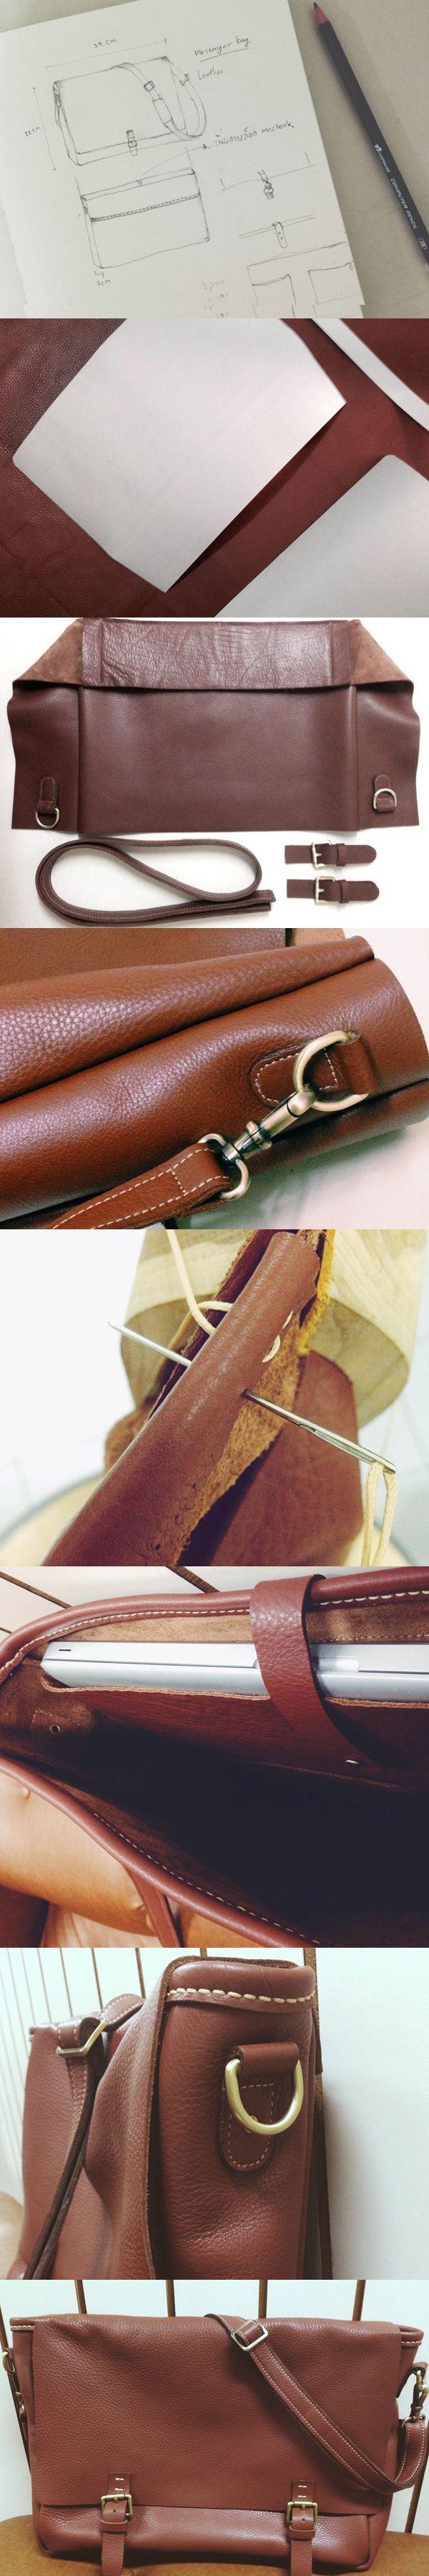 手藝星園地 Craft Stars: 包包製作教學-5 Bag Tutorial